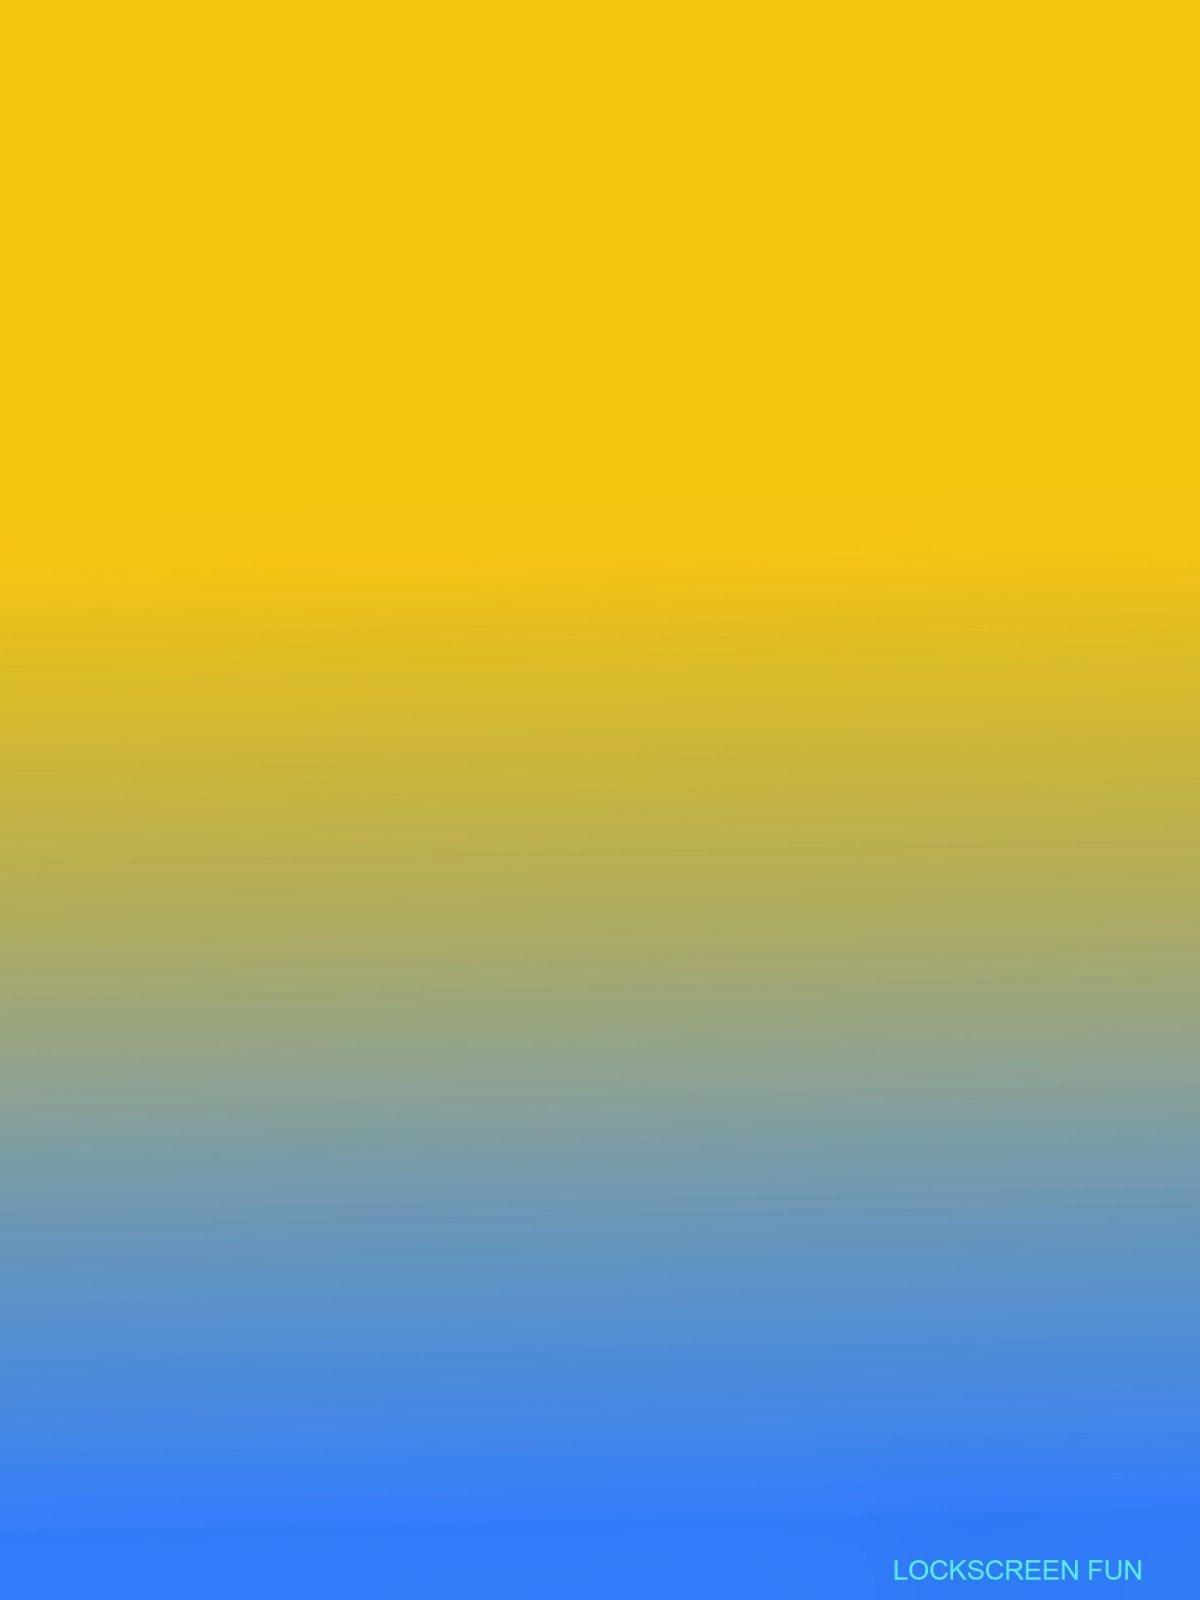 Фон градиент синий желтый